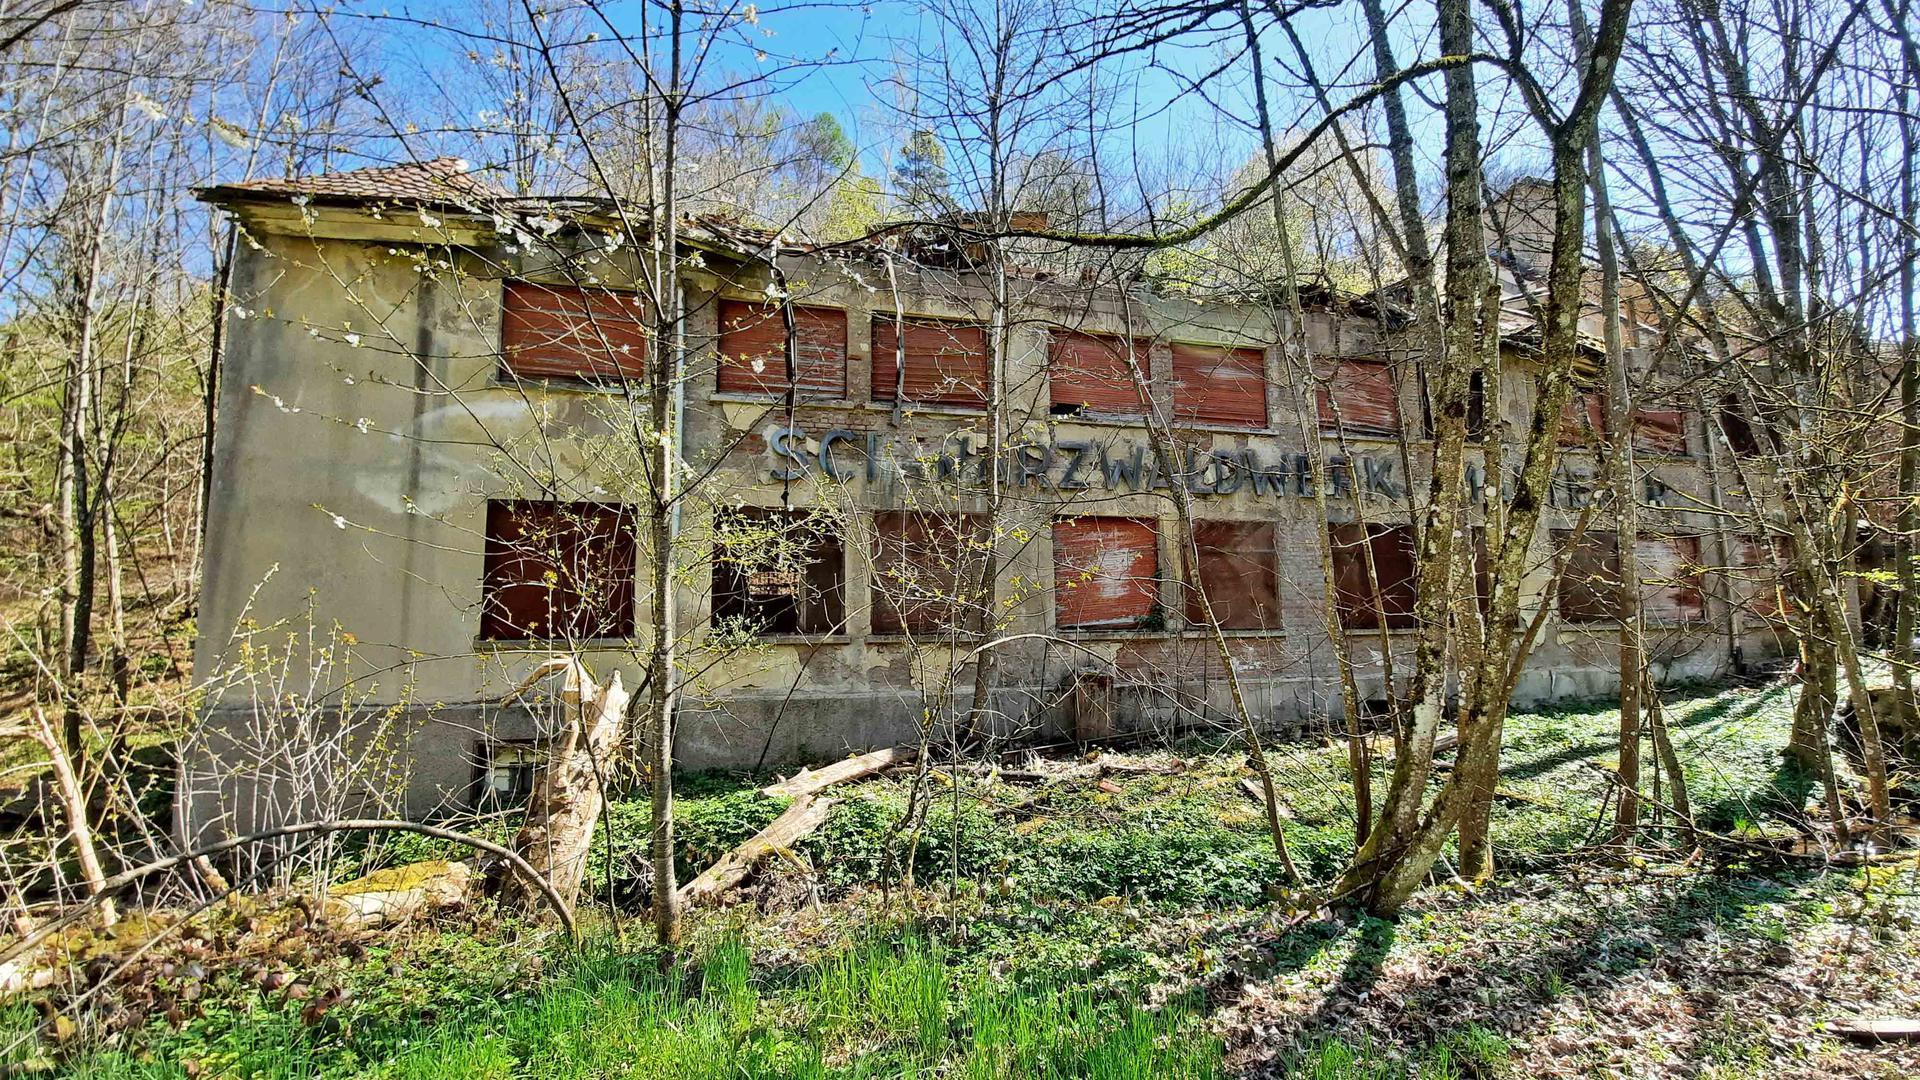 Verwunschener Ort: Das Schwarzwaldwerk Mauterer liegt recht versteckt im Waldprechtstal. Bis Anfang der 1990er Jahre wurde in der Fabrik unter anderem Schokolade produziert.